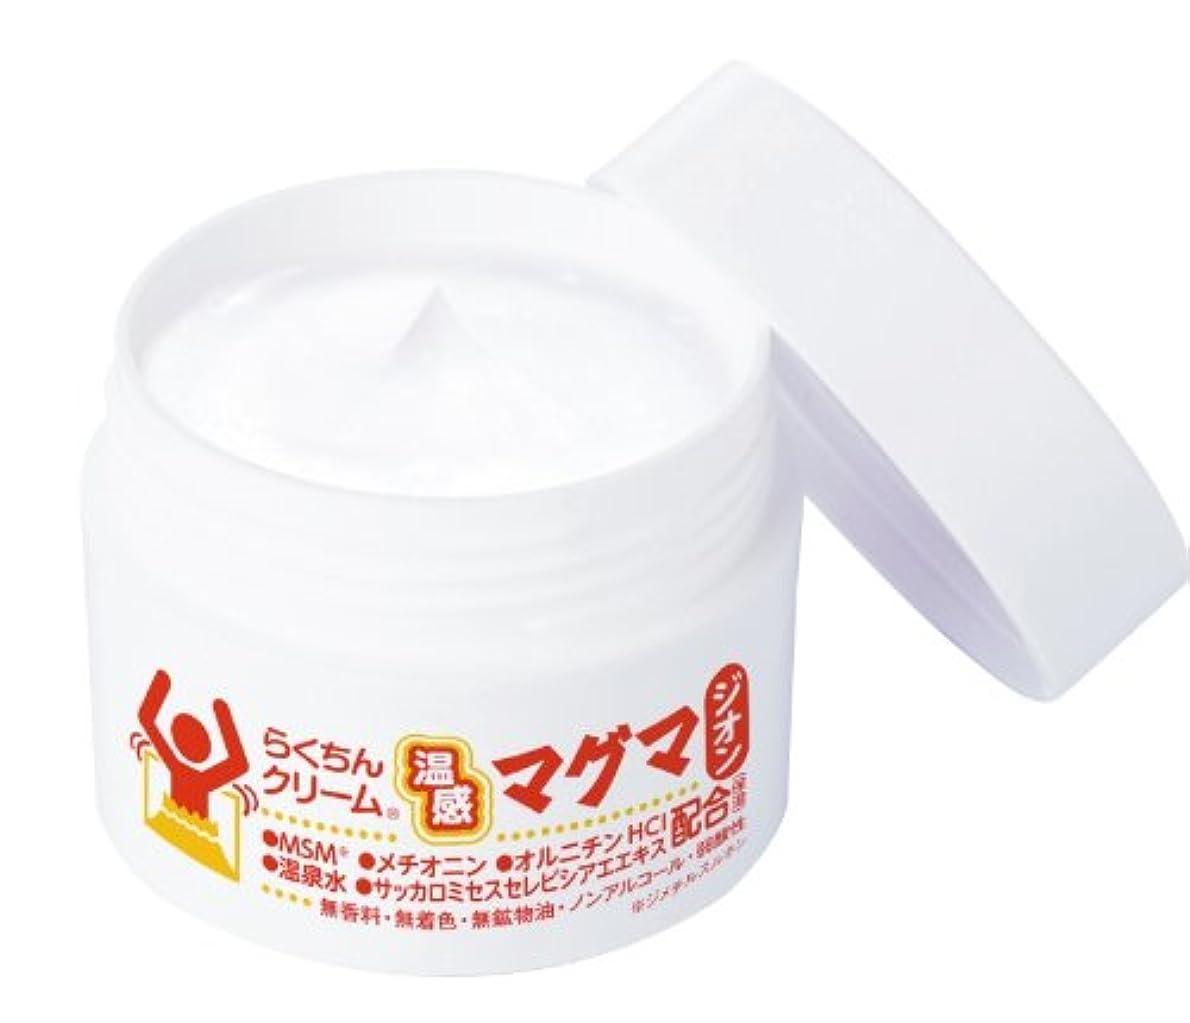 構造ブラジャー割り当てるらくちんクリーム 温感マグマ ジオン 2個セット ※プロも認めたマッサージクリーム!温感マグマ!自然素材の刺激がリラックス気分をもたらせます!